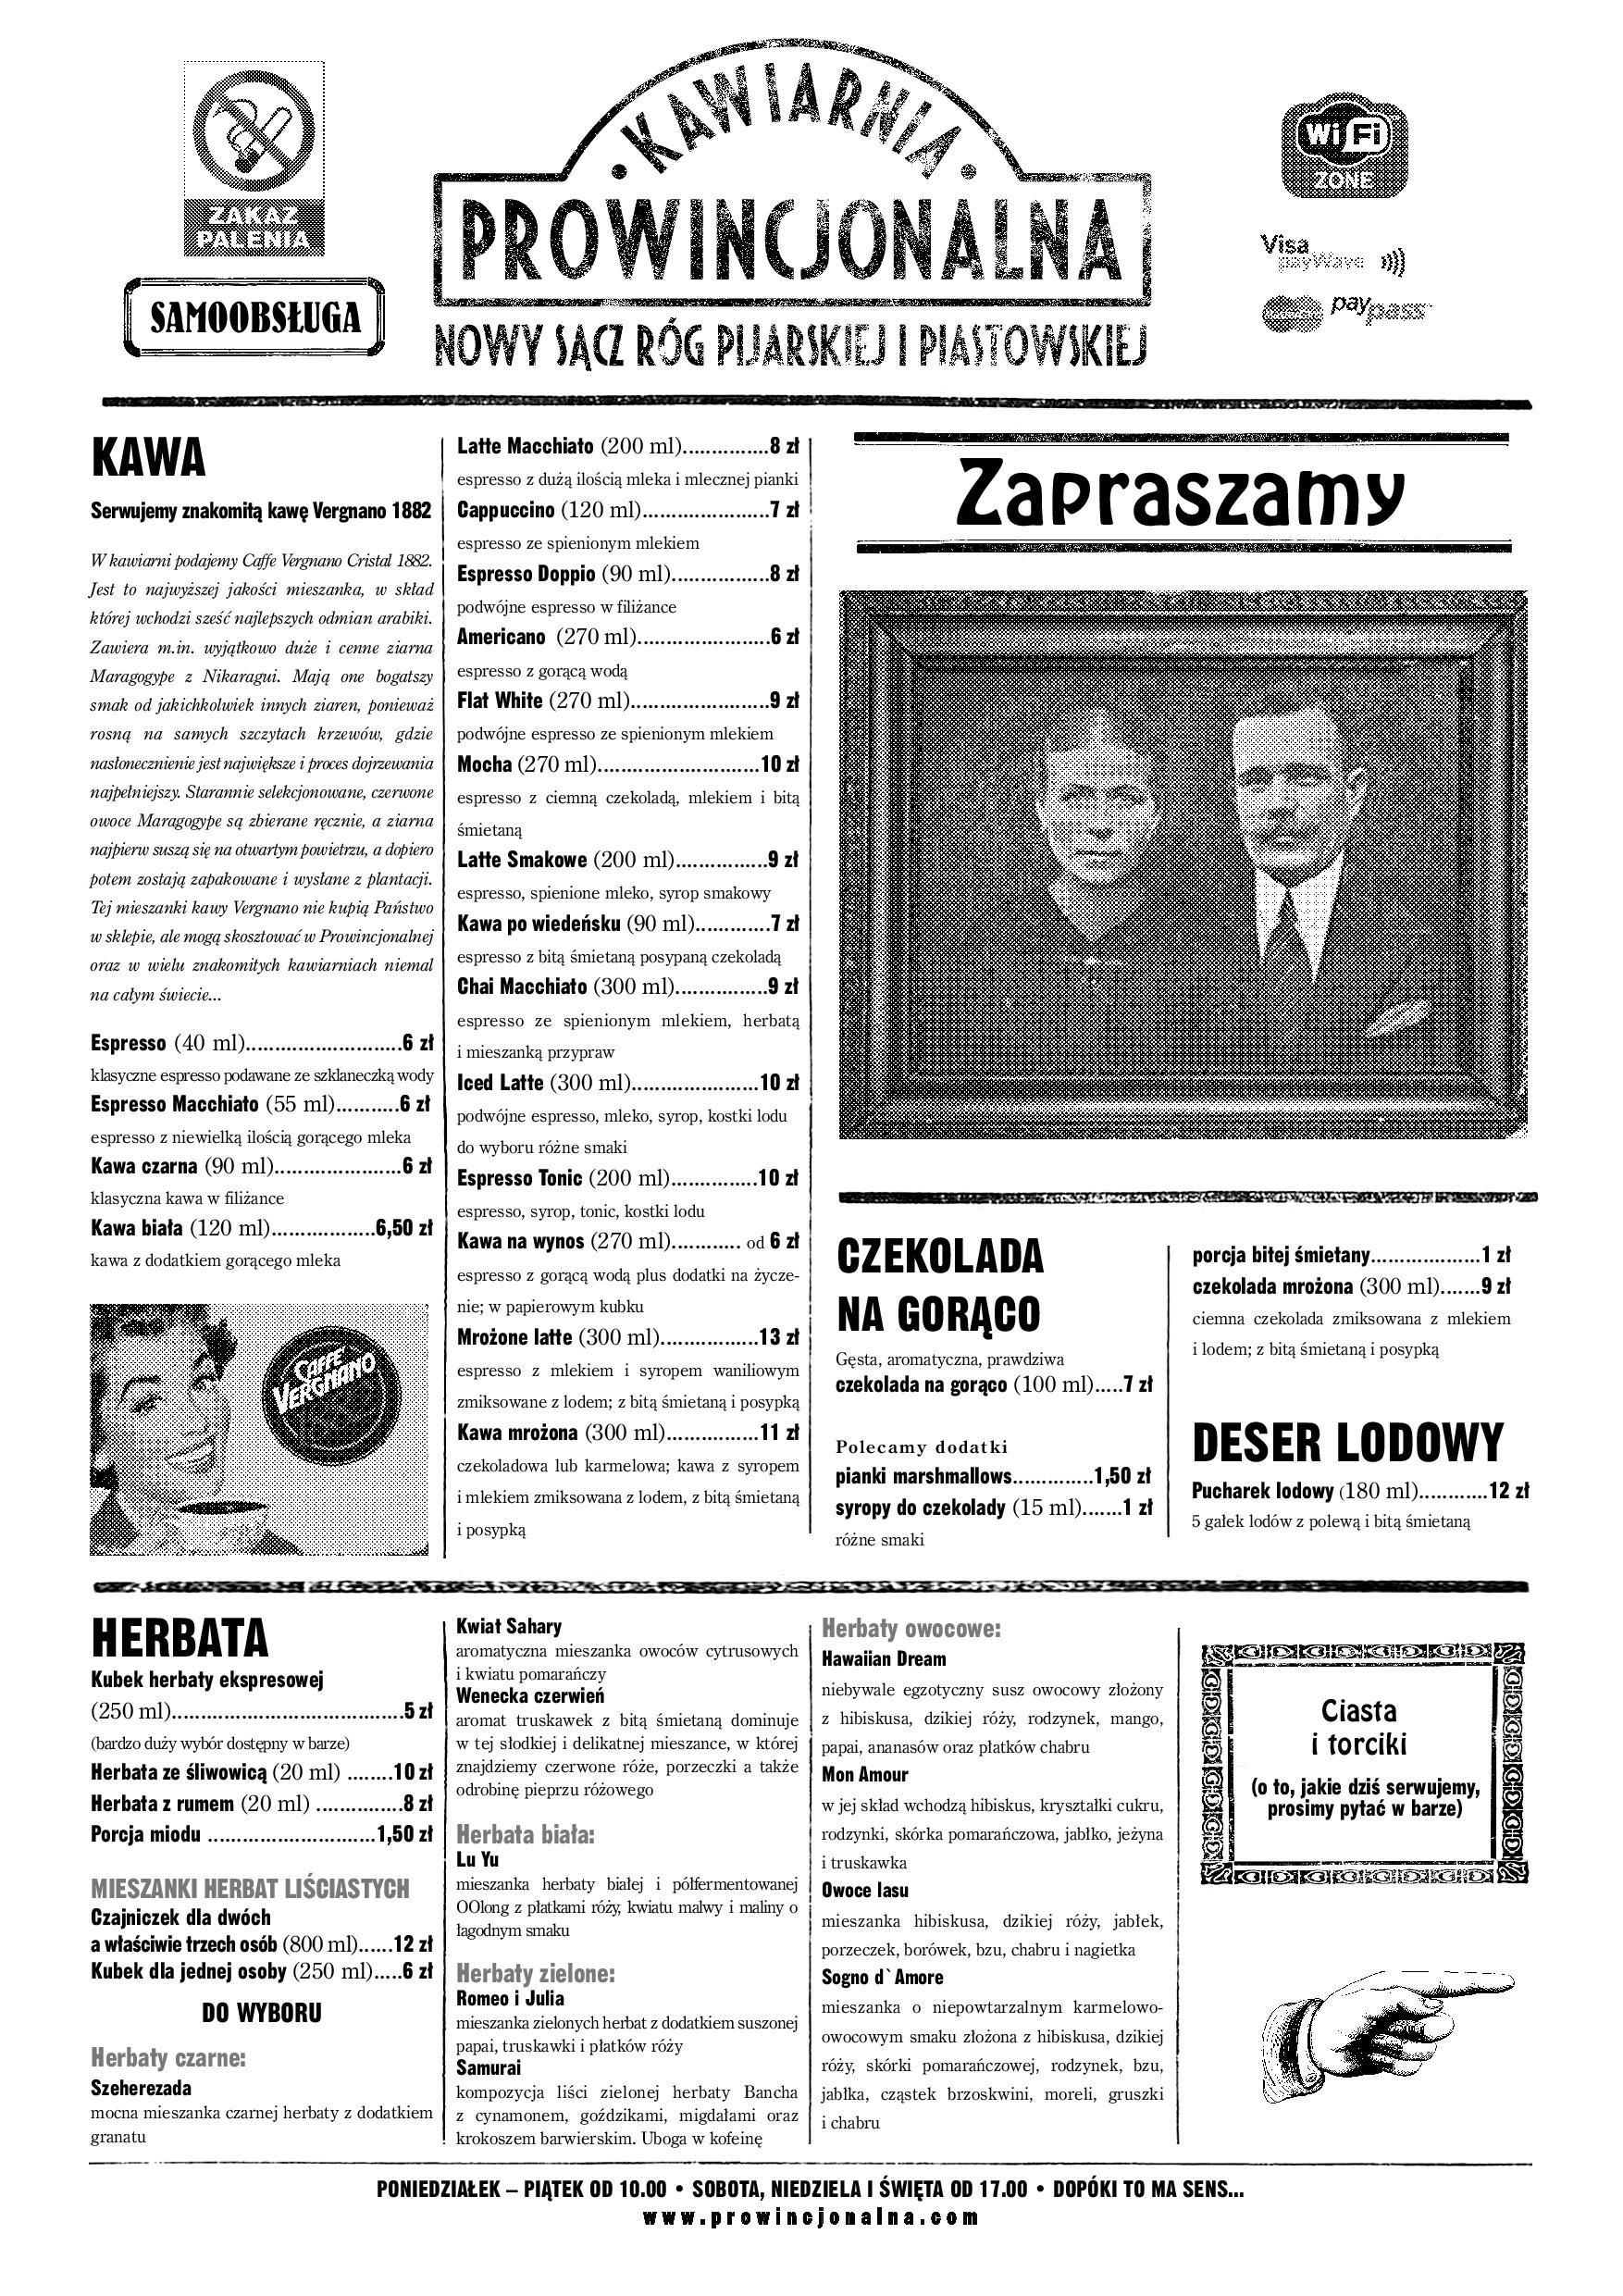 menu_2019 (1)